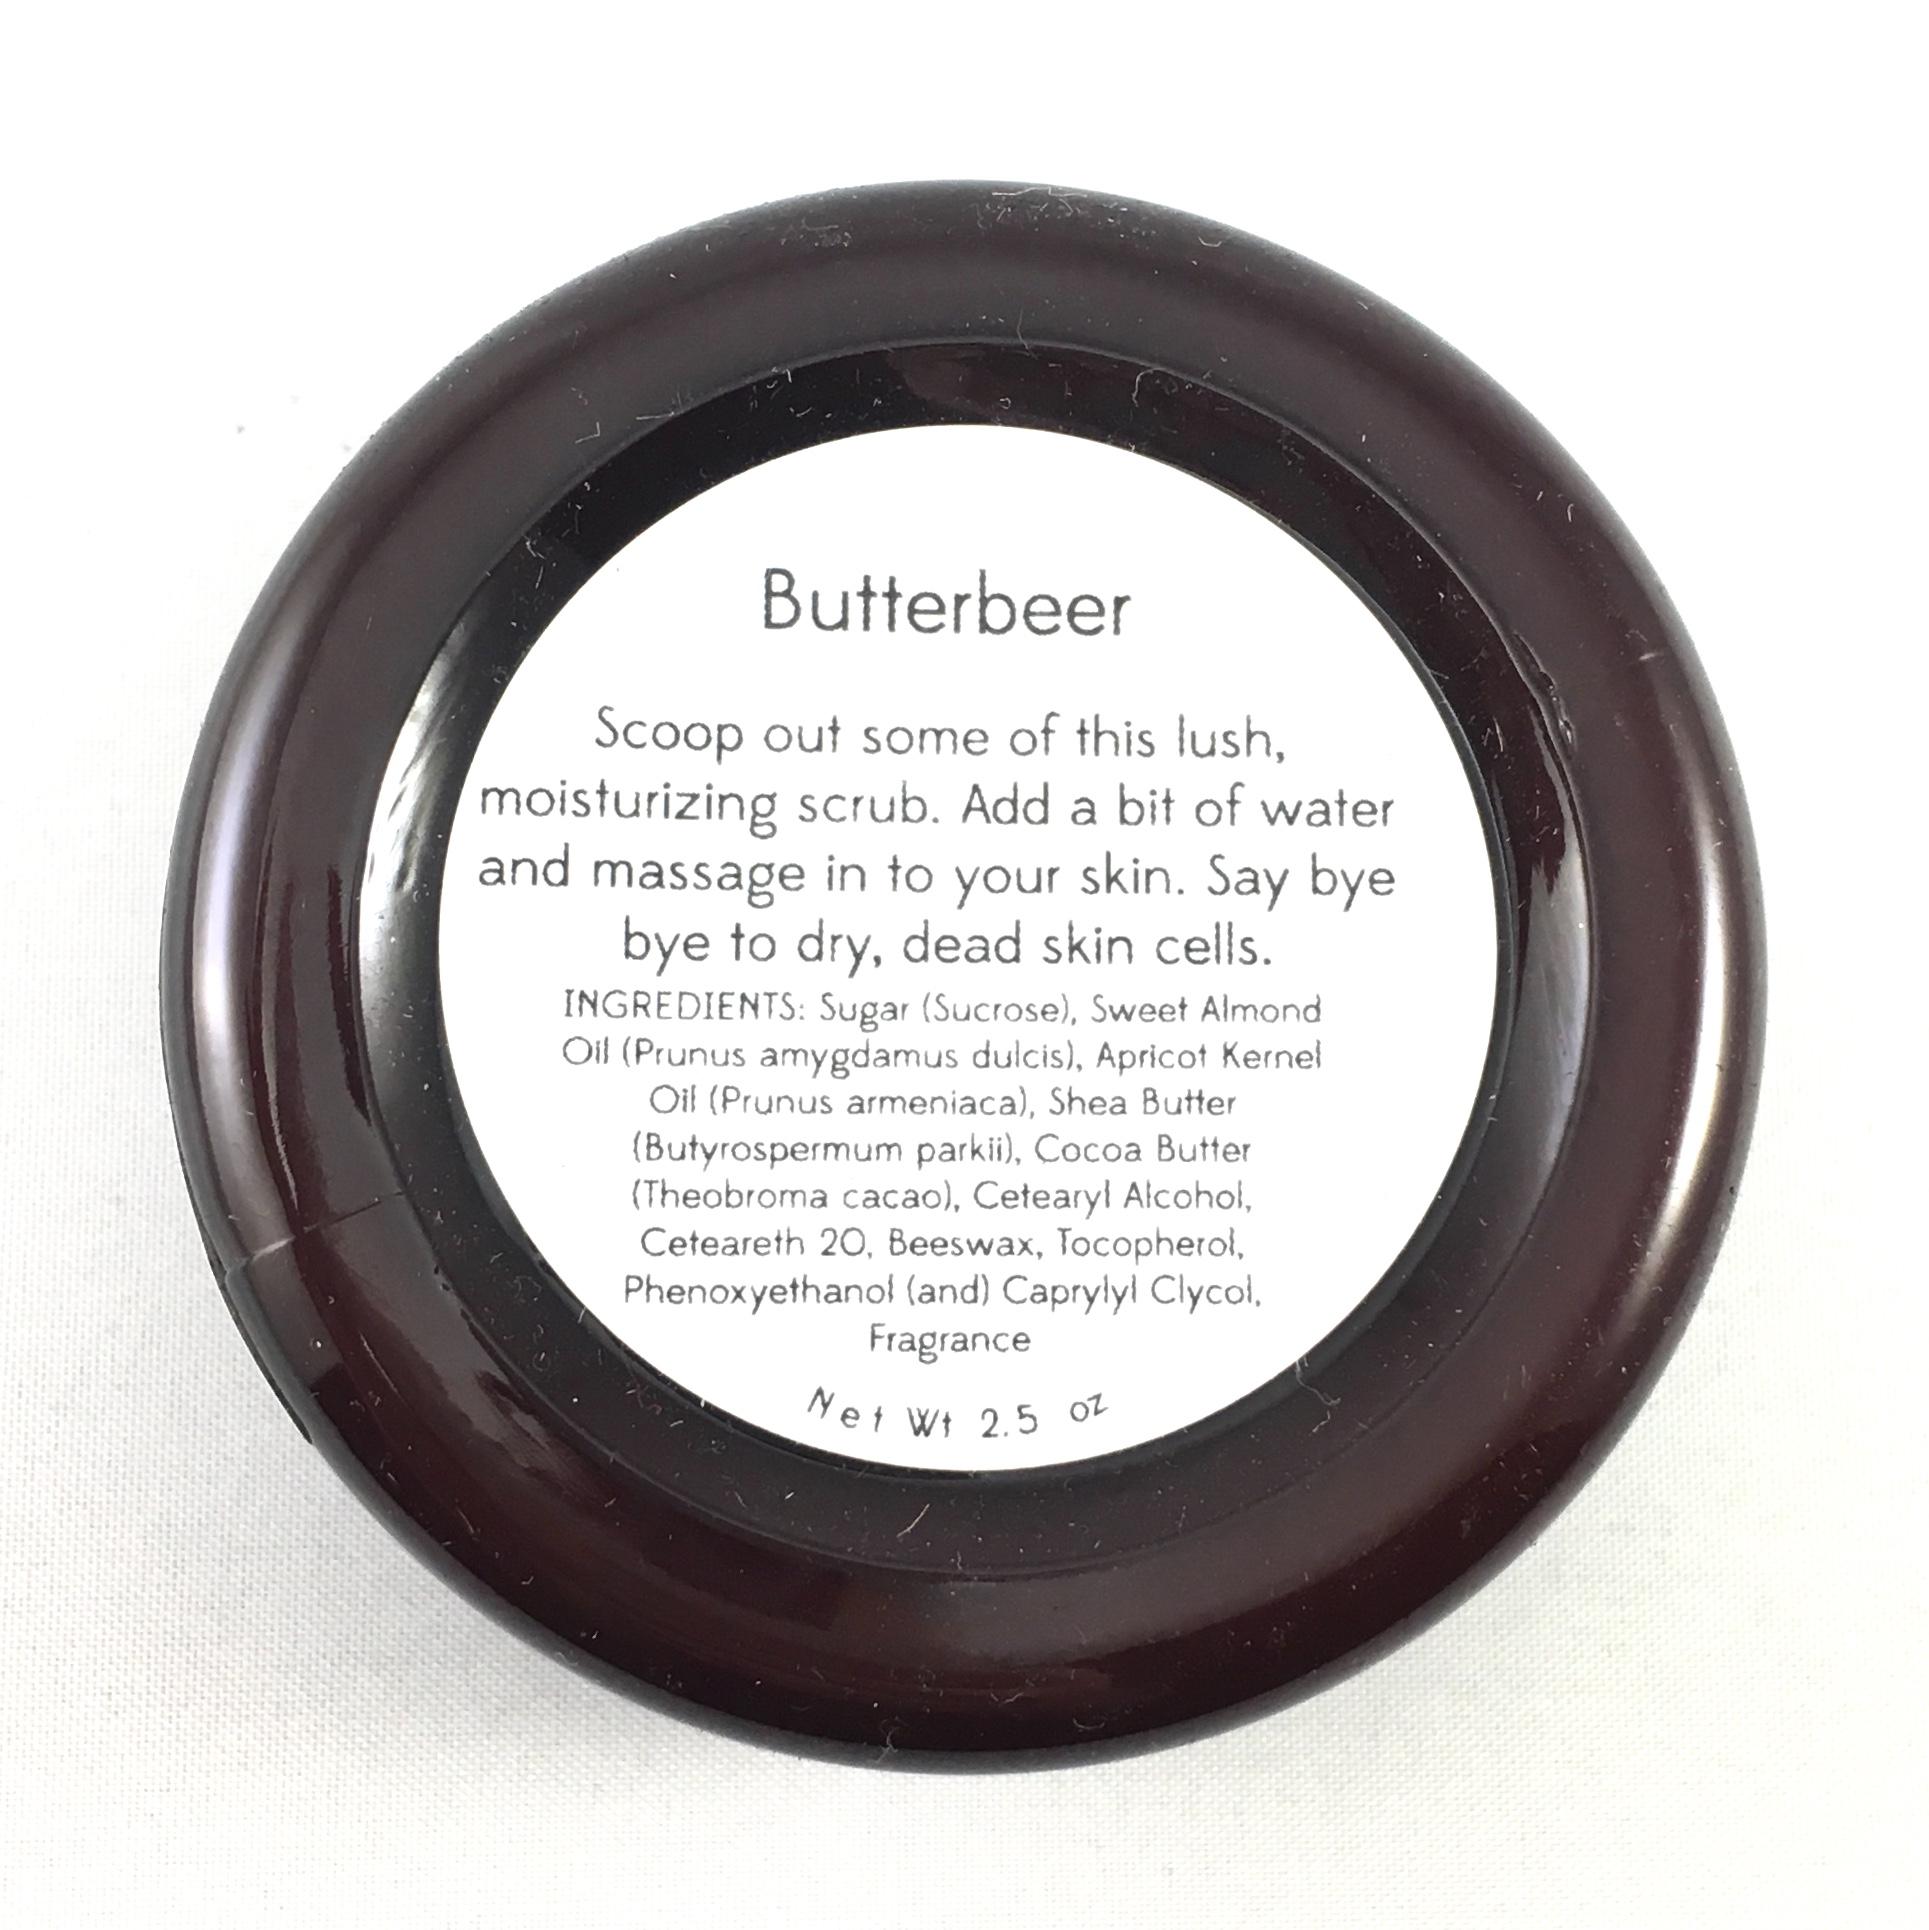 butterbeer-sugar-scrub-ingredients.jpg